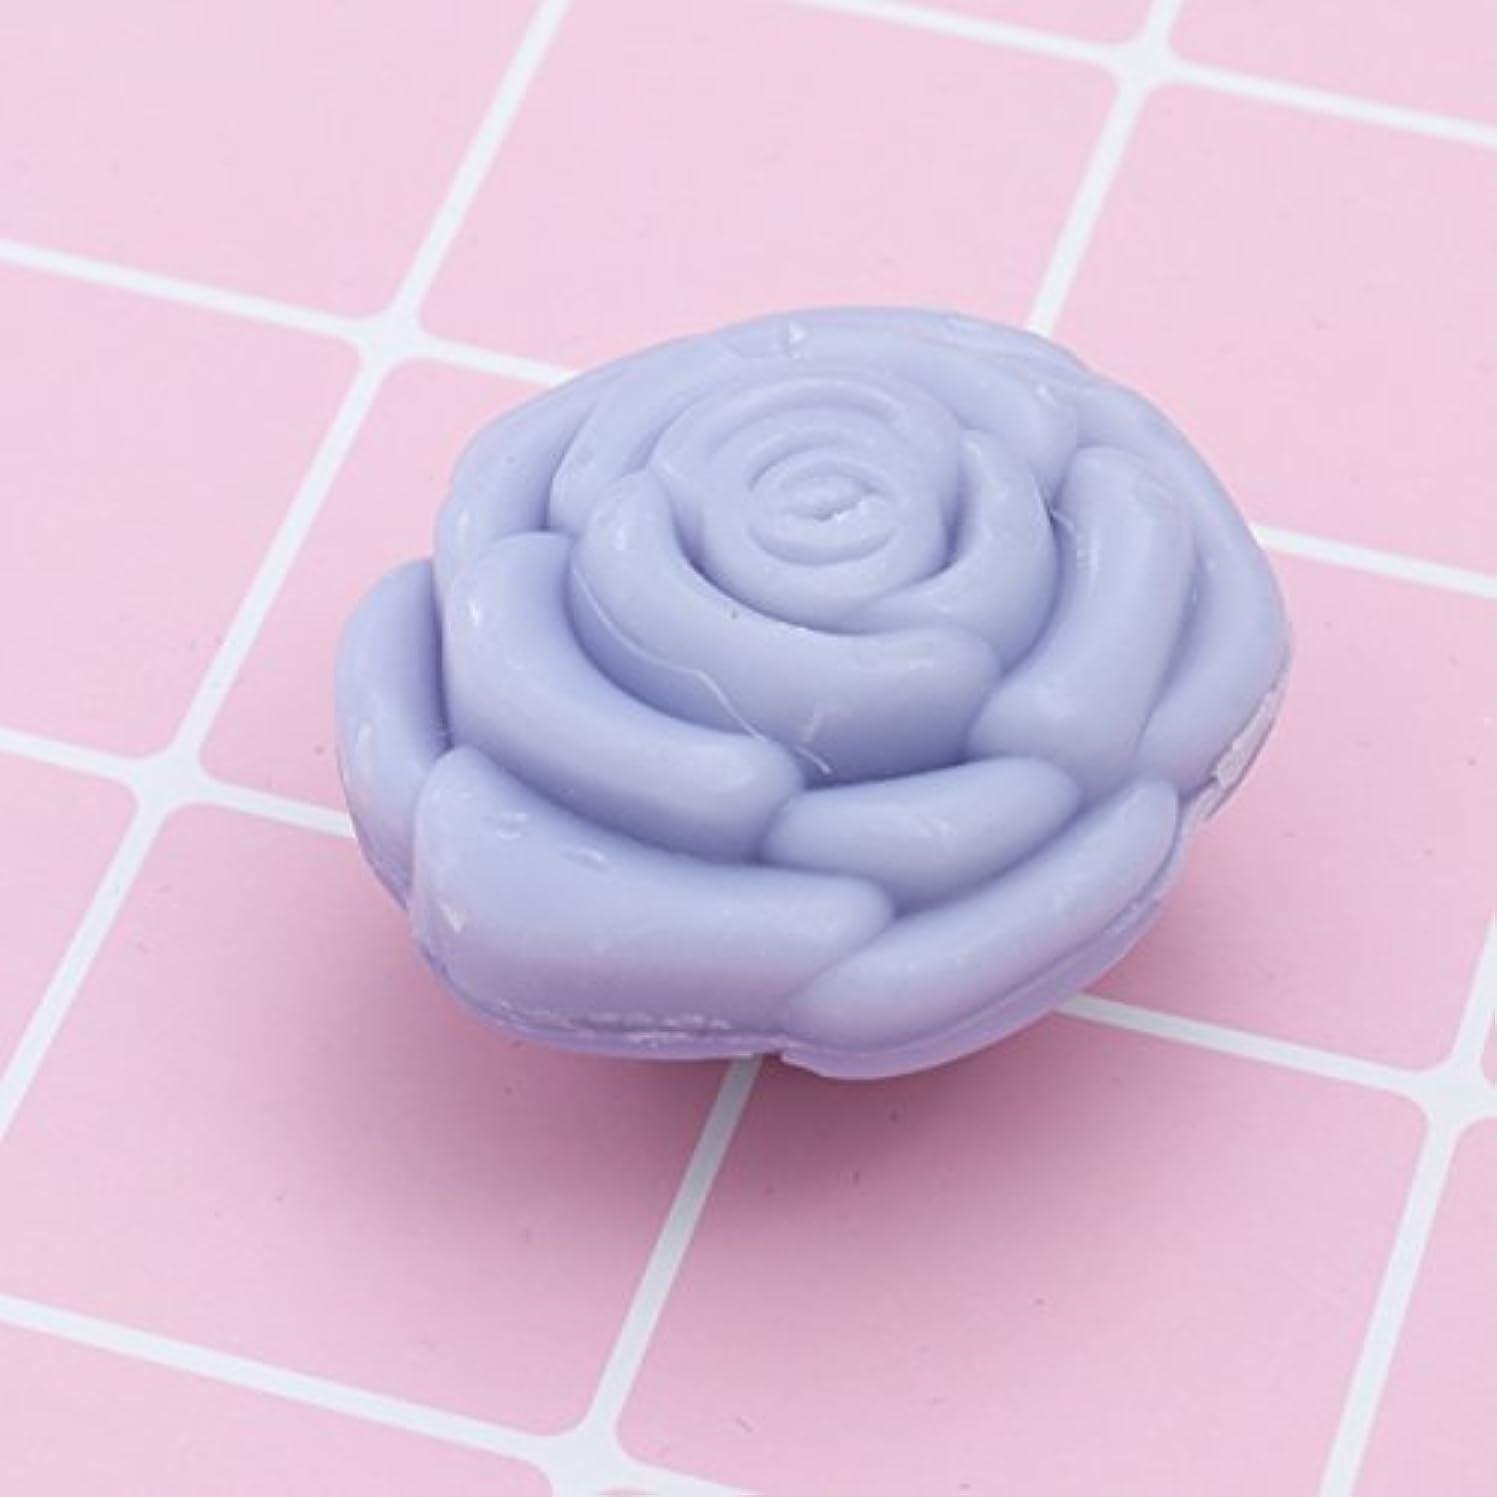 タンザニアスポットクラスAmosfun 手作り石鹸オイルローズフラワーソープアロマエッセンシャルオイルギフト記念日誕生日結婚式バレンタインデー(紫)20ピース